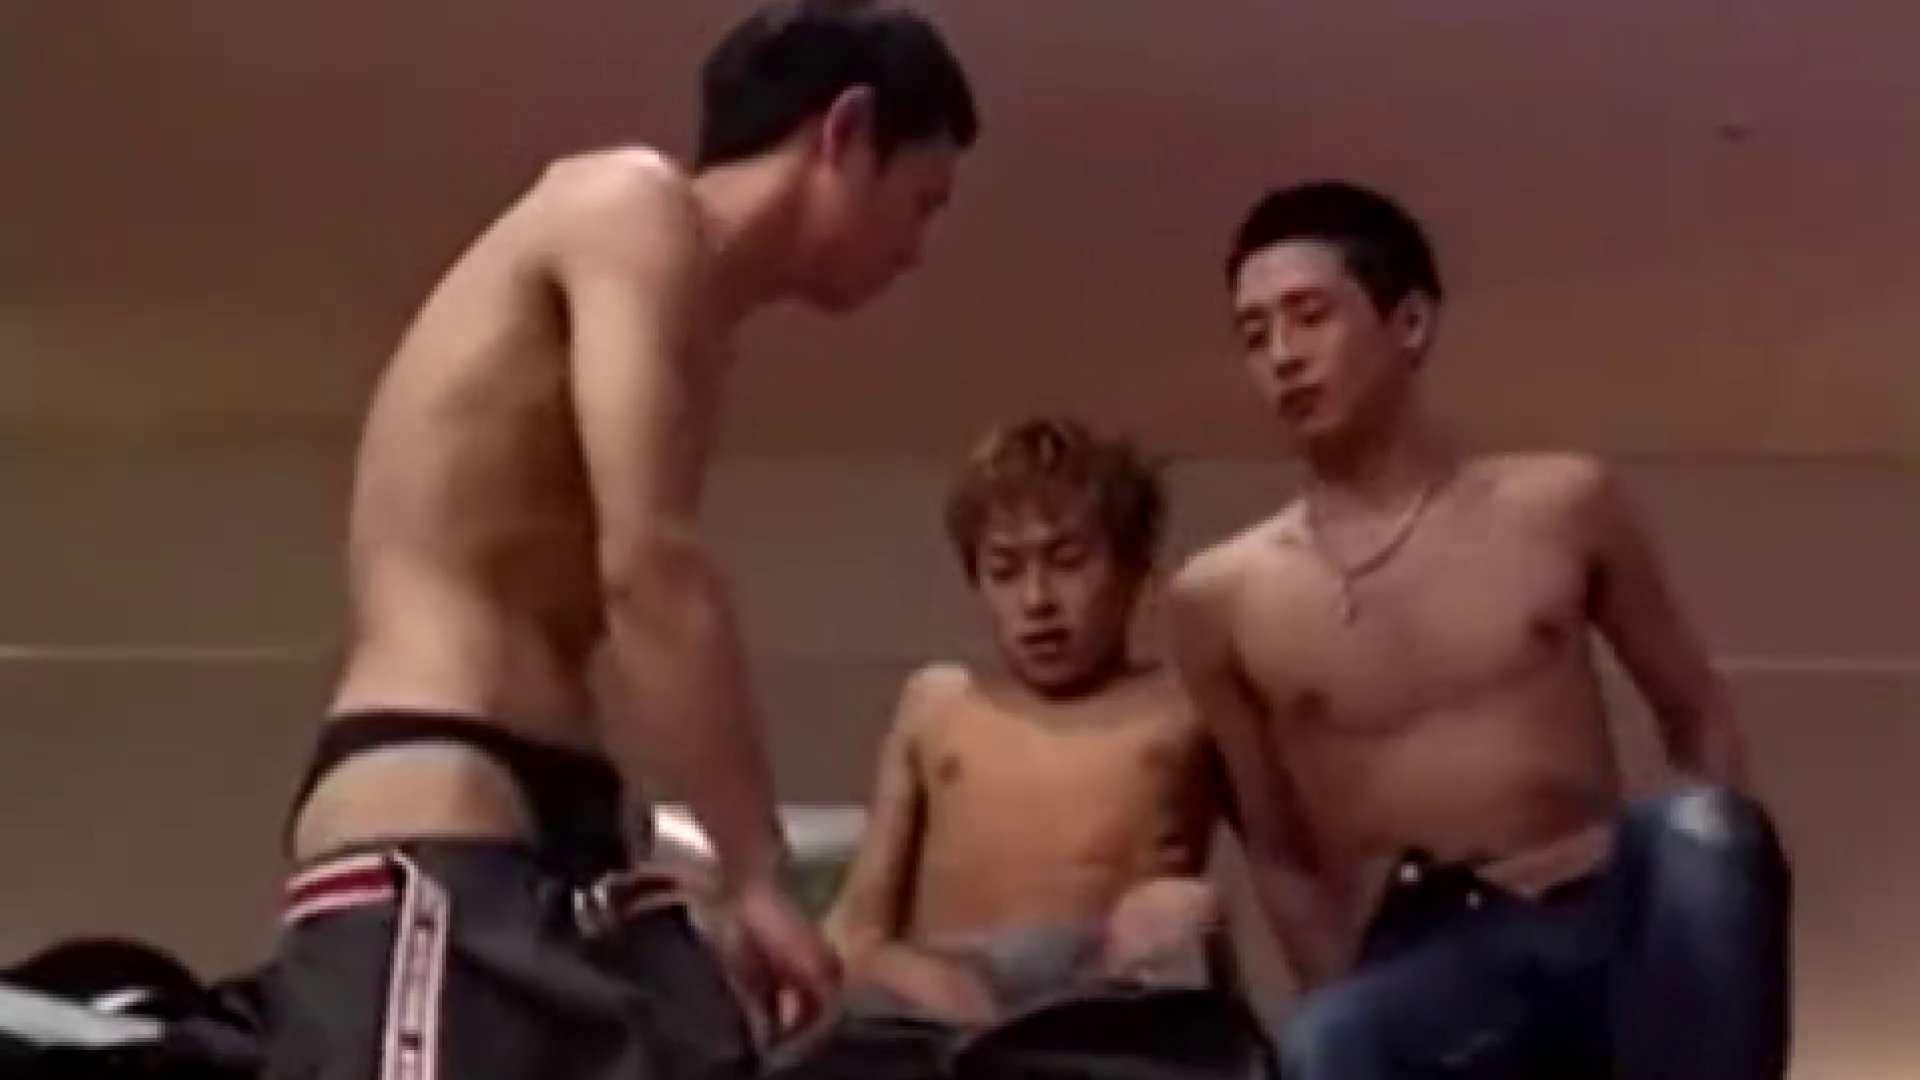 乱交SEX! フェラ天国 ゲイアダルト画像 72pic 3